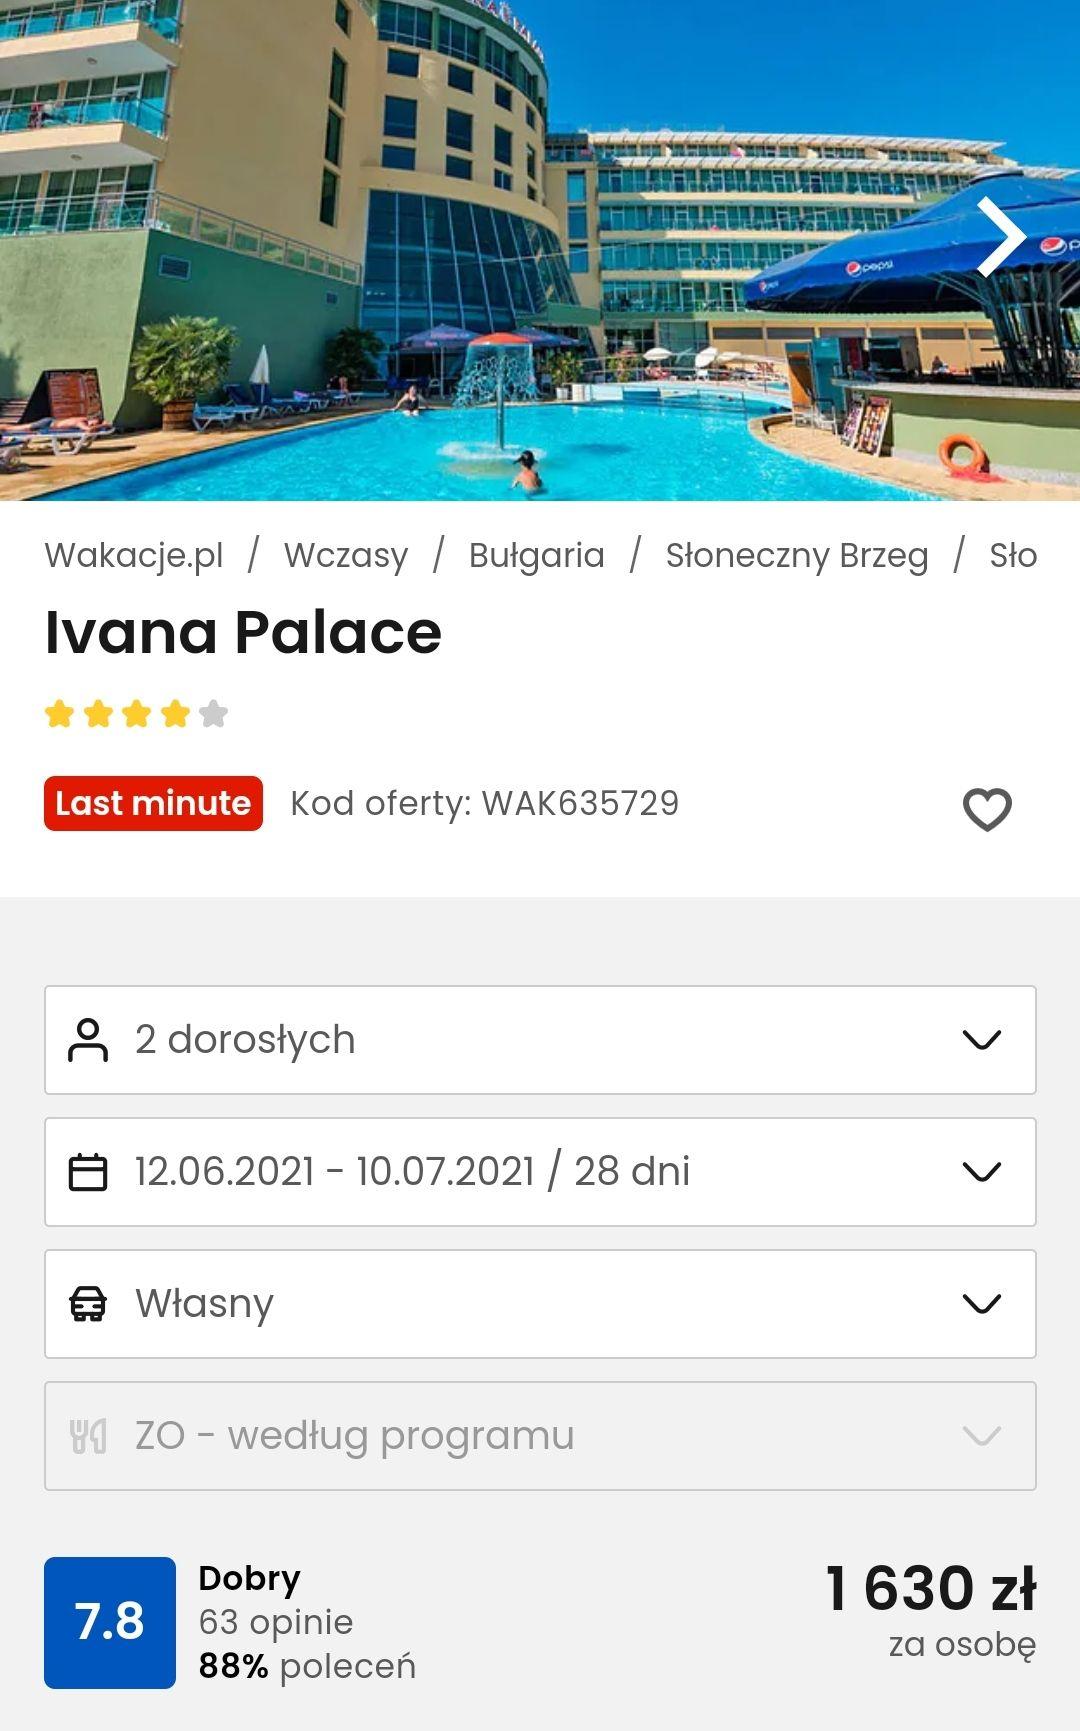 Bułgaria Hotel 4* z śniadaniem 28 dni za osobe 1630 zł - dojazd własny